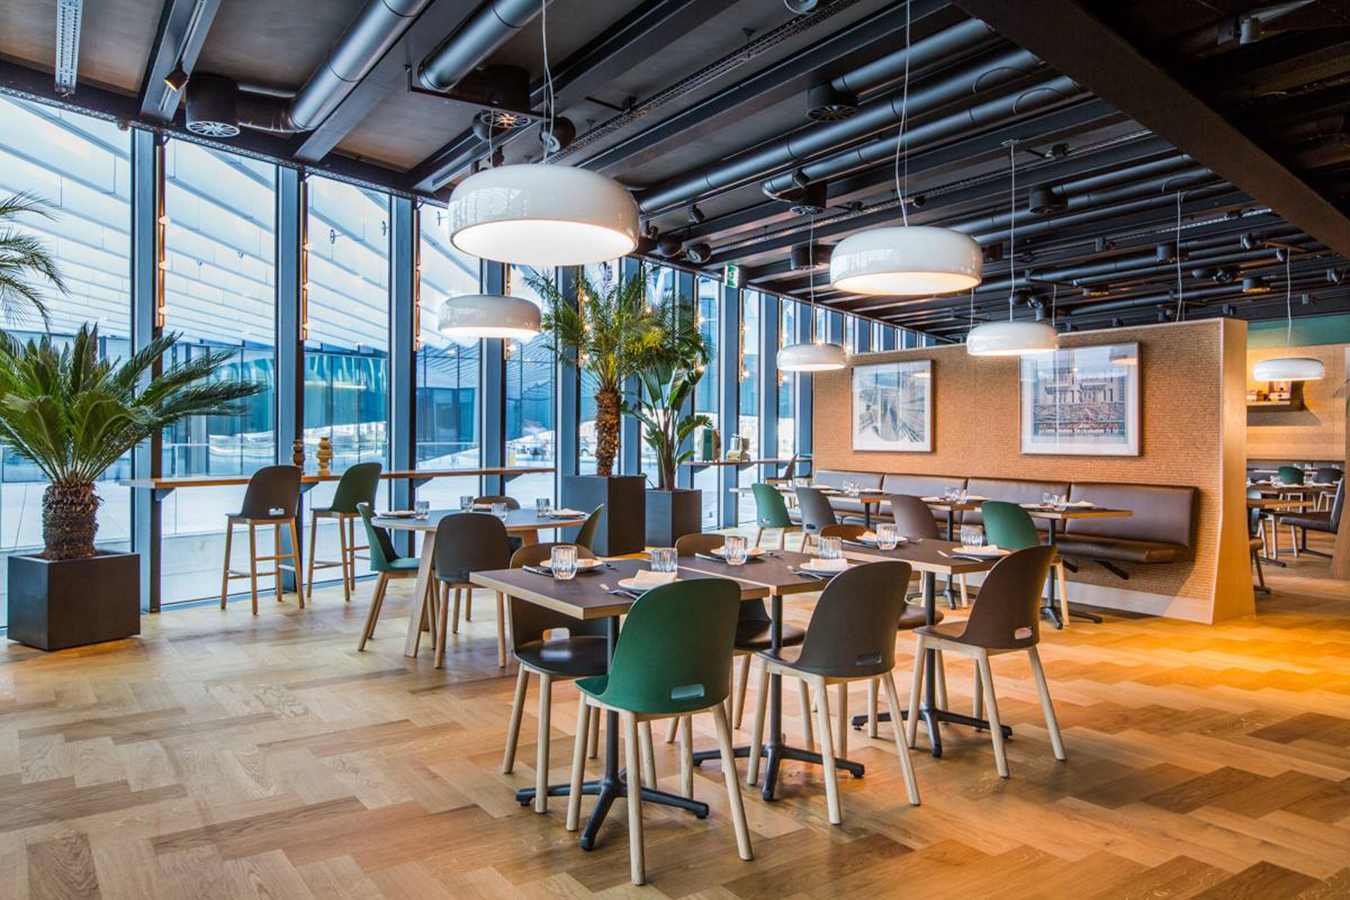 O Watt restaurant in Lisbon